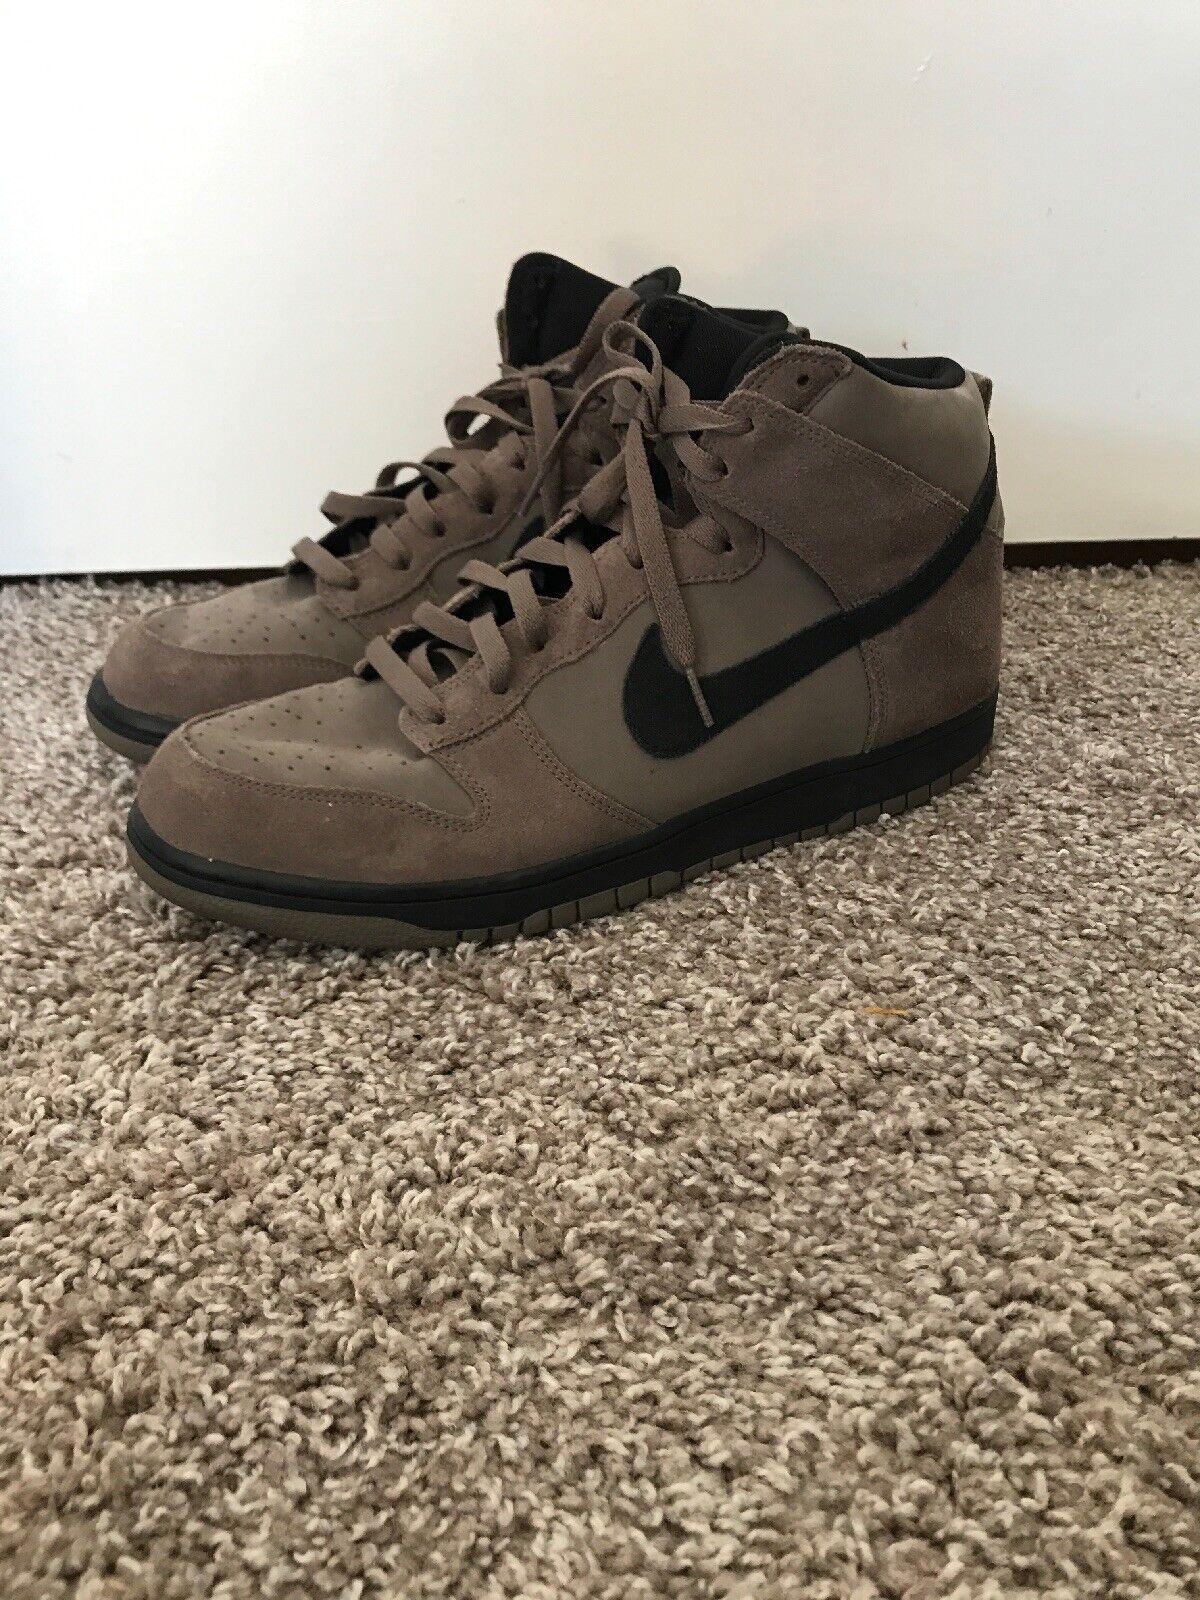 Nike Dunk Hi Tan Black Size 13 Men shoes 2016  904233 200. Used